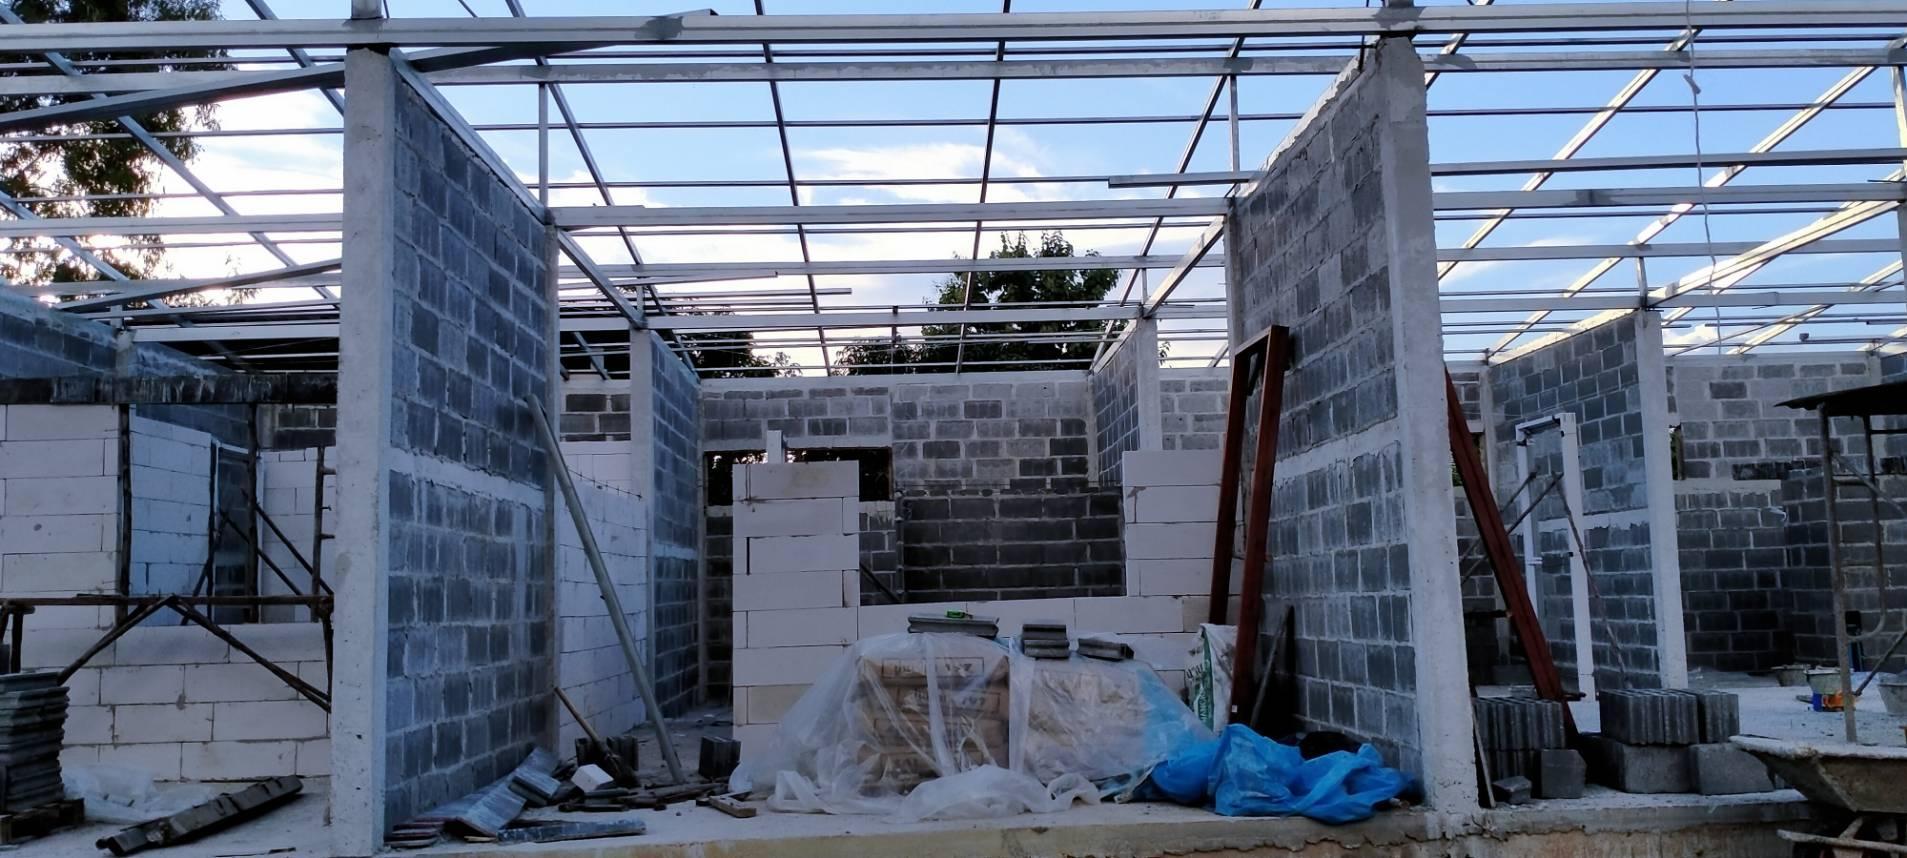 Room for some Rooms - par deux-walls51-jpg